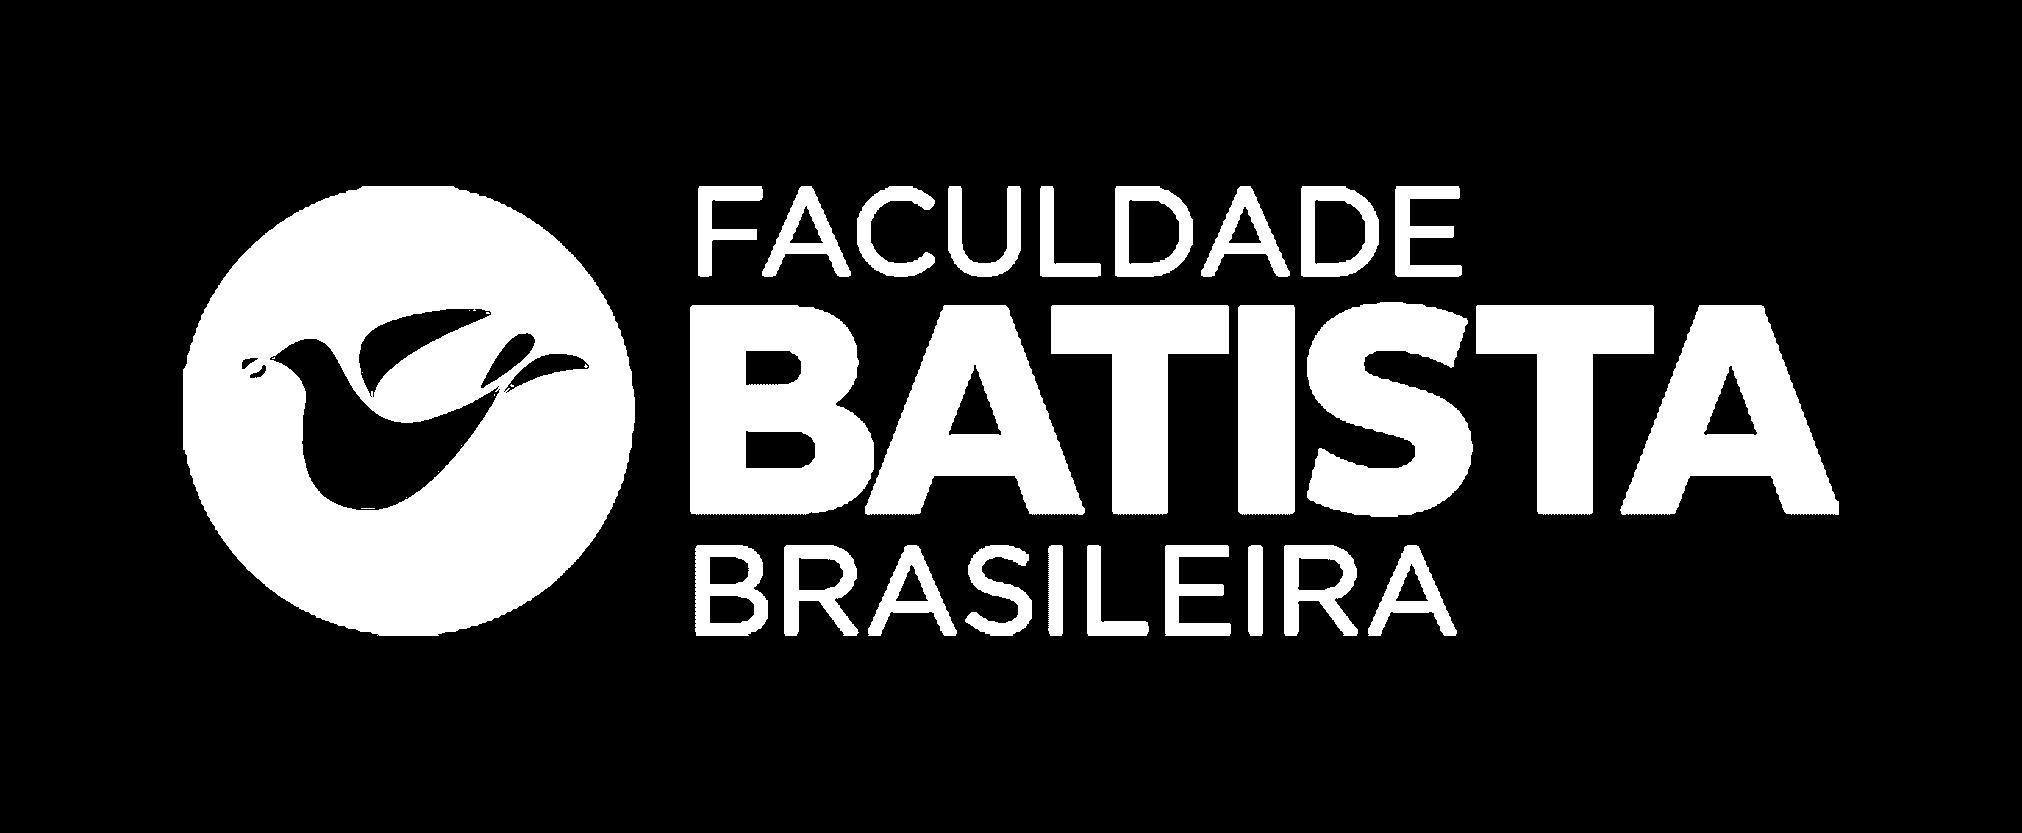 Faculdade Batista Brasileira